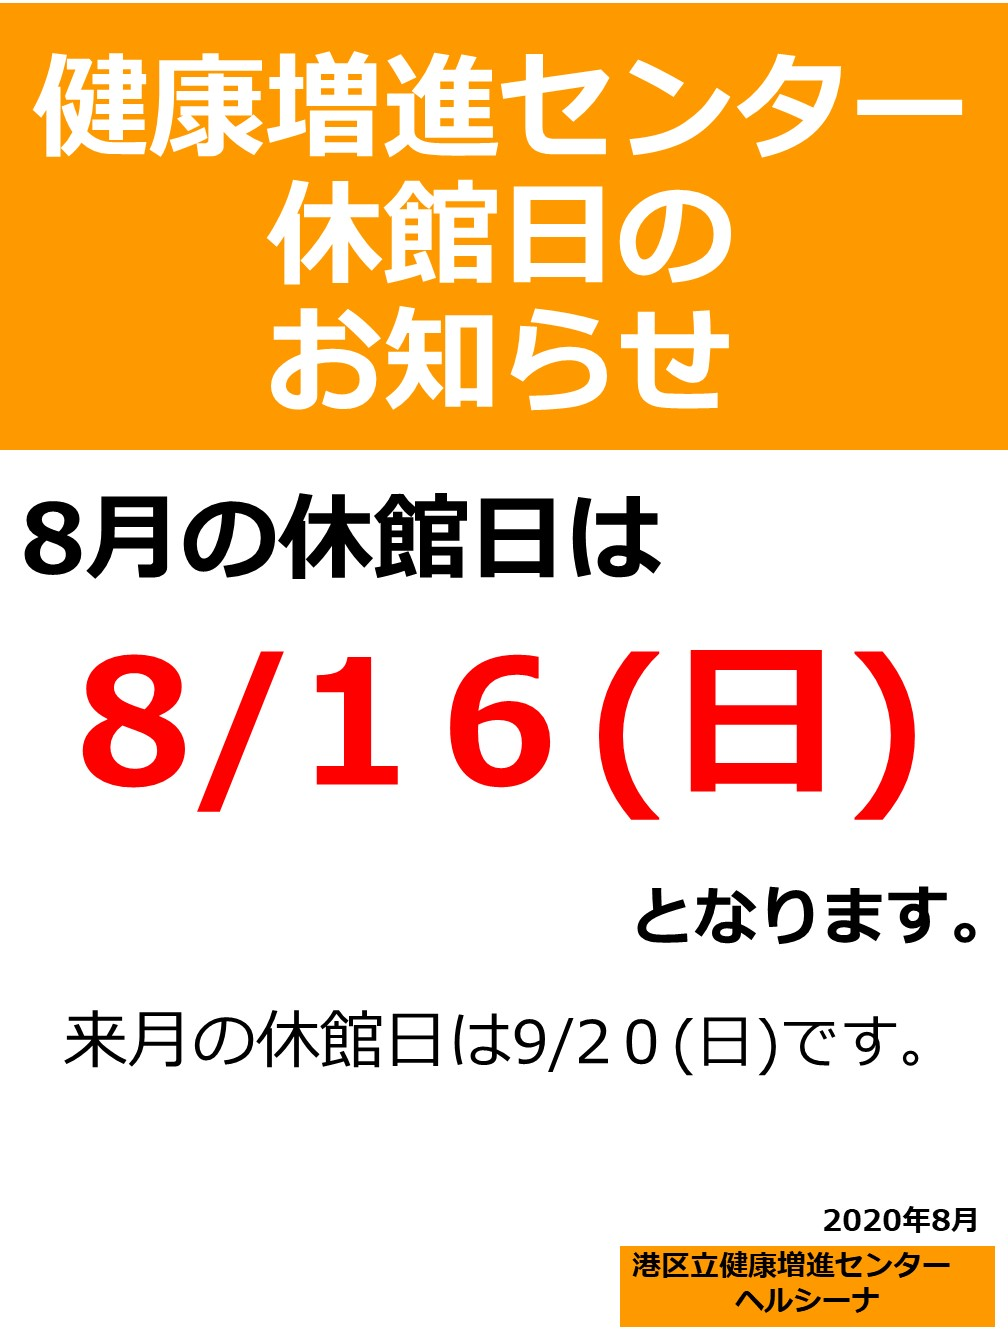 (掲示)(施設)休館日のおしらせ202008.jpg